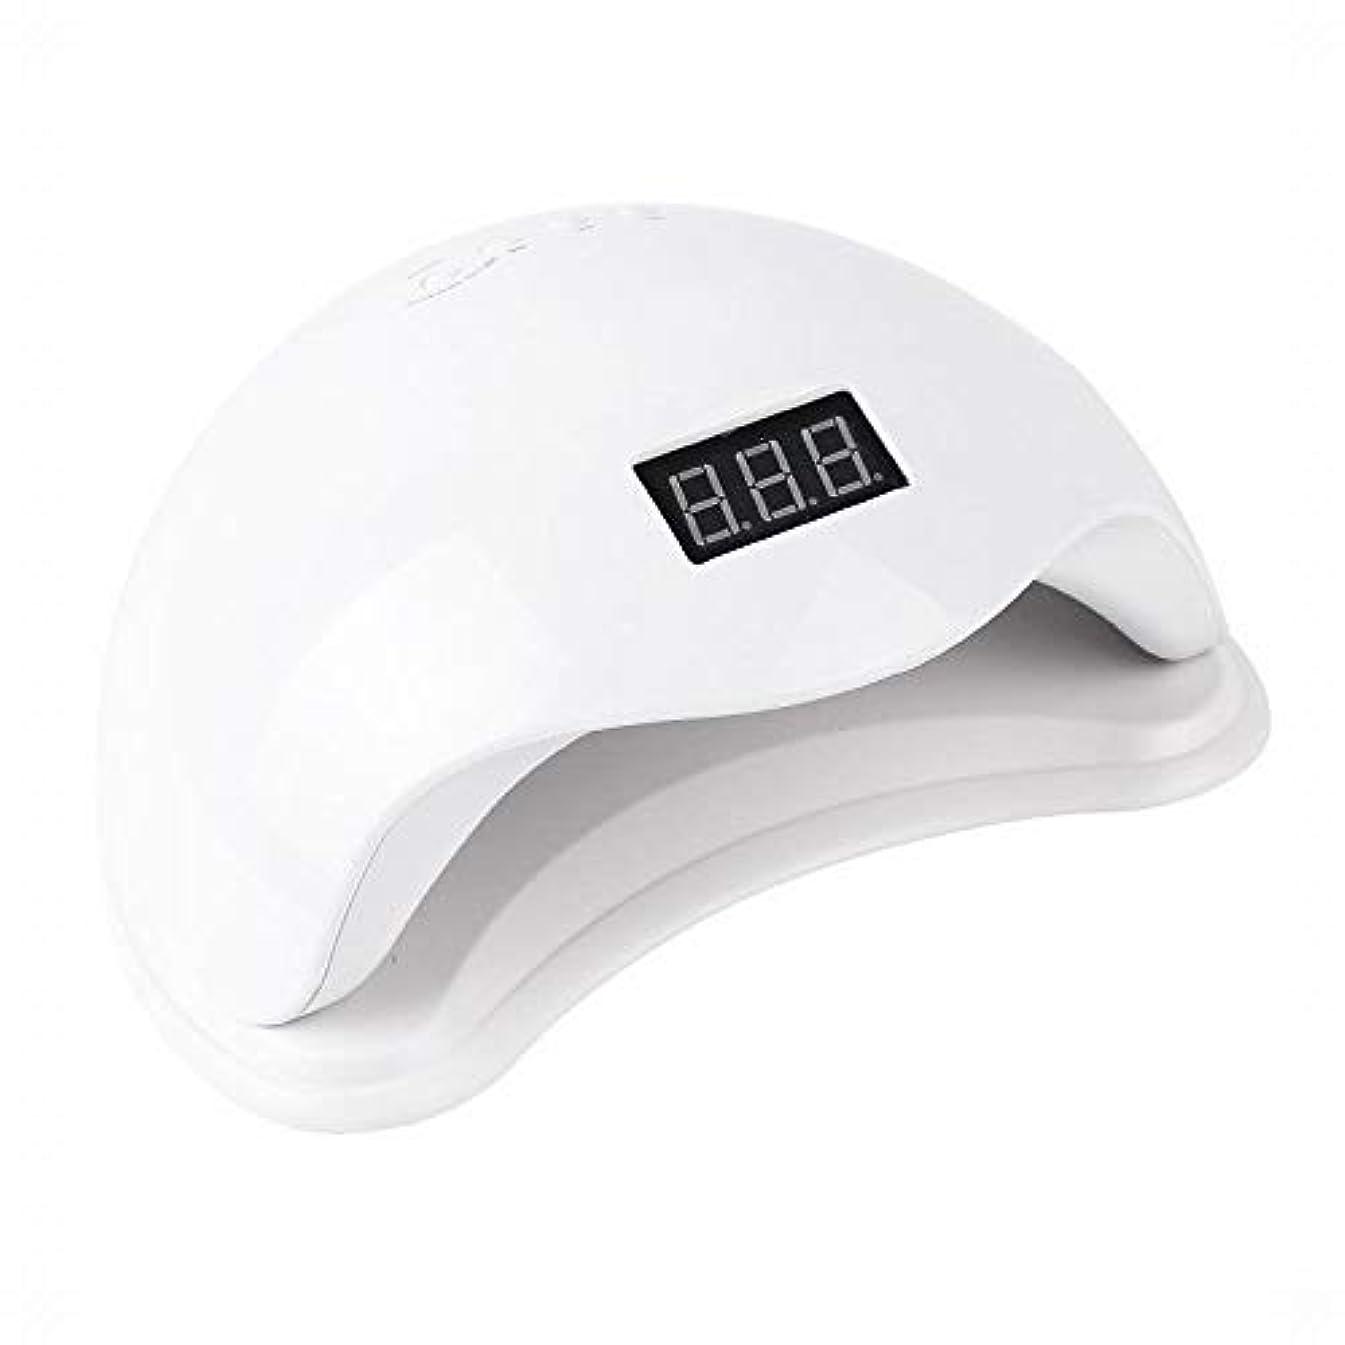 航空多数の自分のYESONEEP 48ワットネイル光線療法機誘導速乾性無痛ネイルランプUV光線療法ランプLED (Size : 48W)